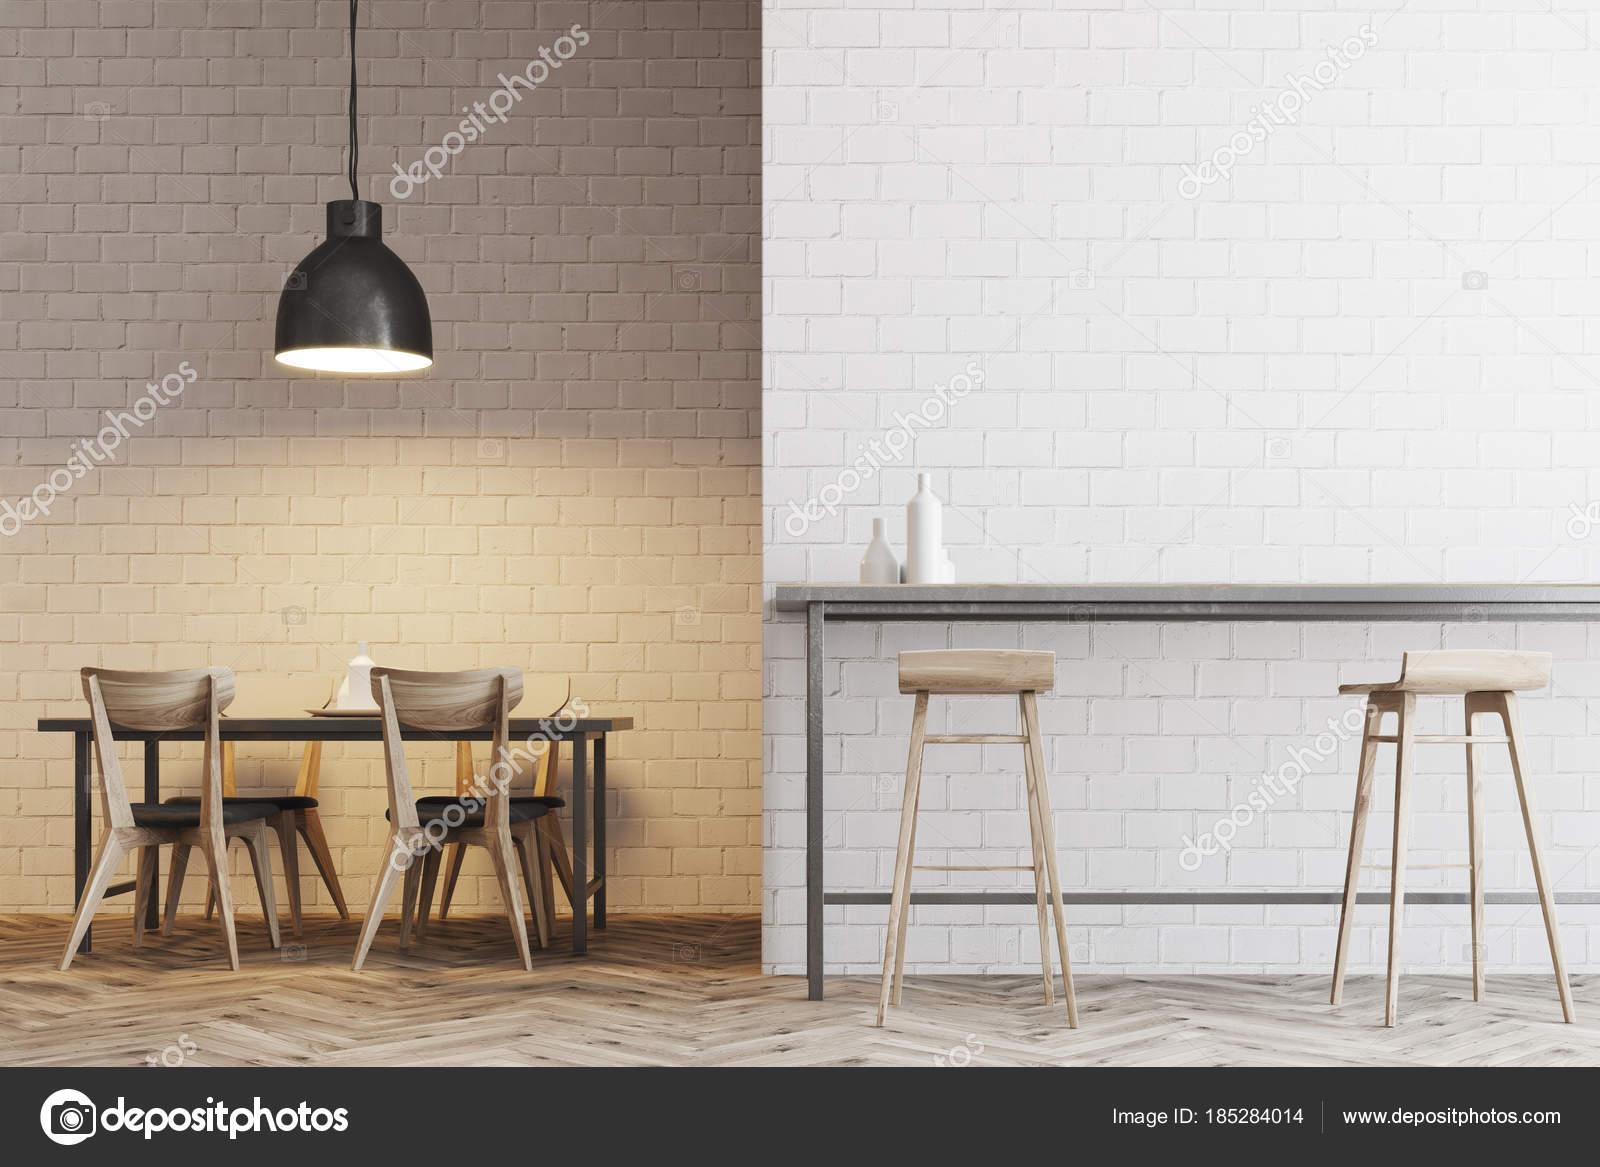 Bar interno la cena di mattoni bianchi con sgabelli u foto stock